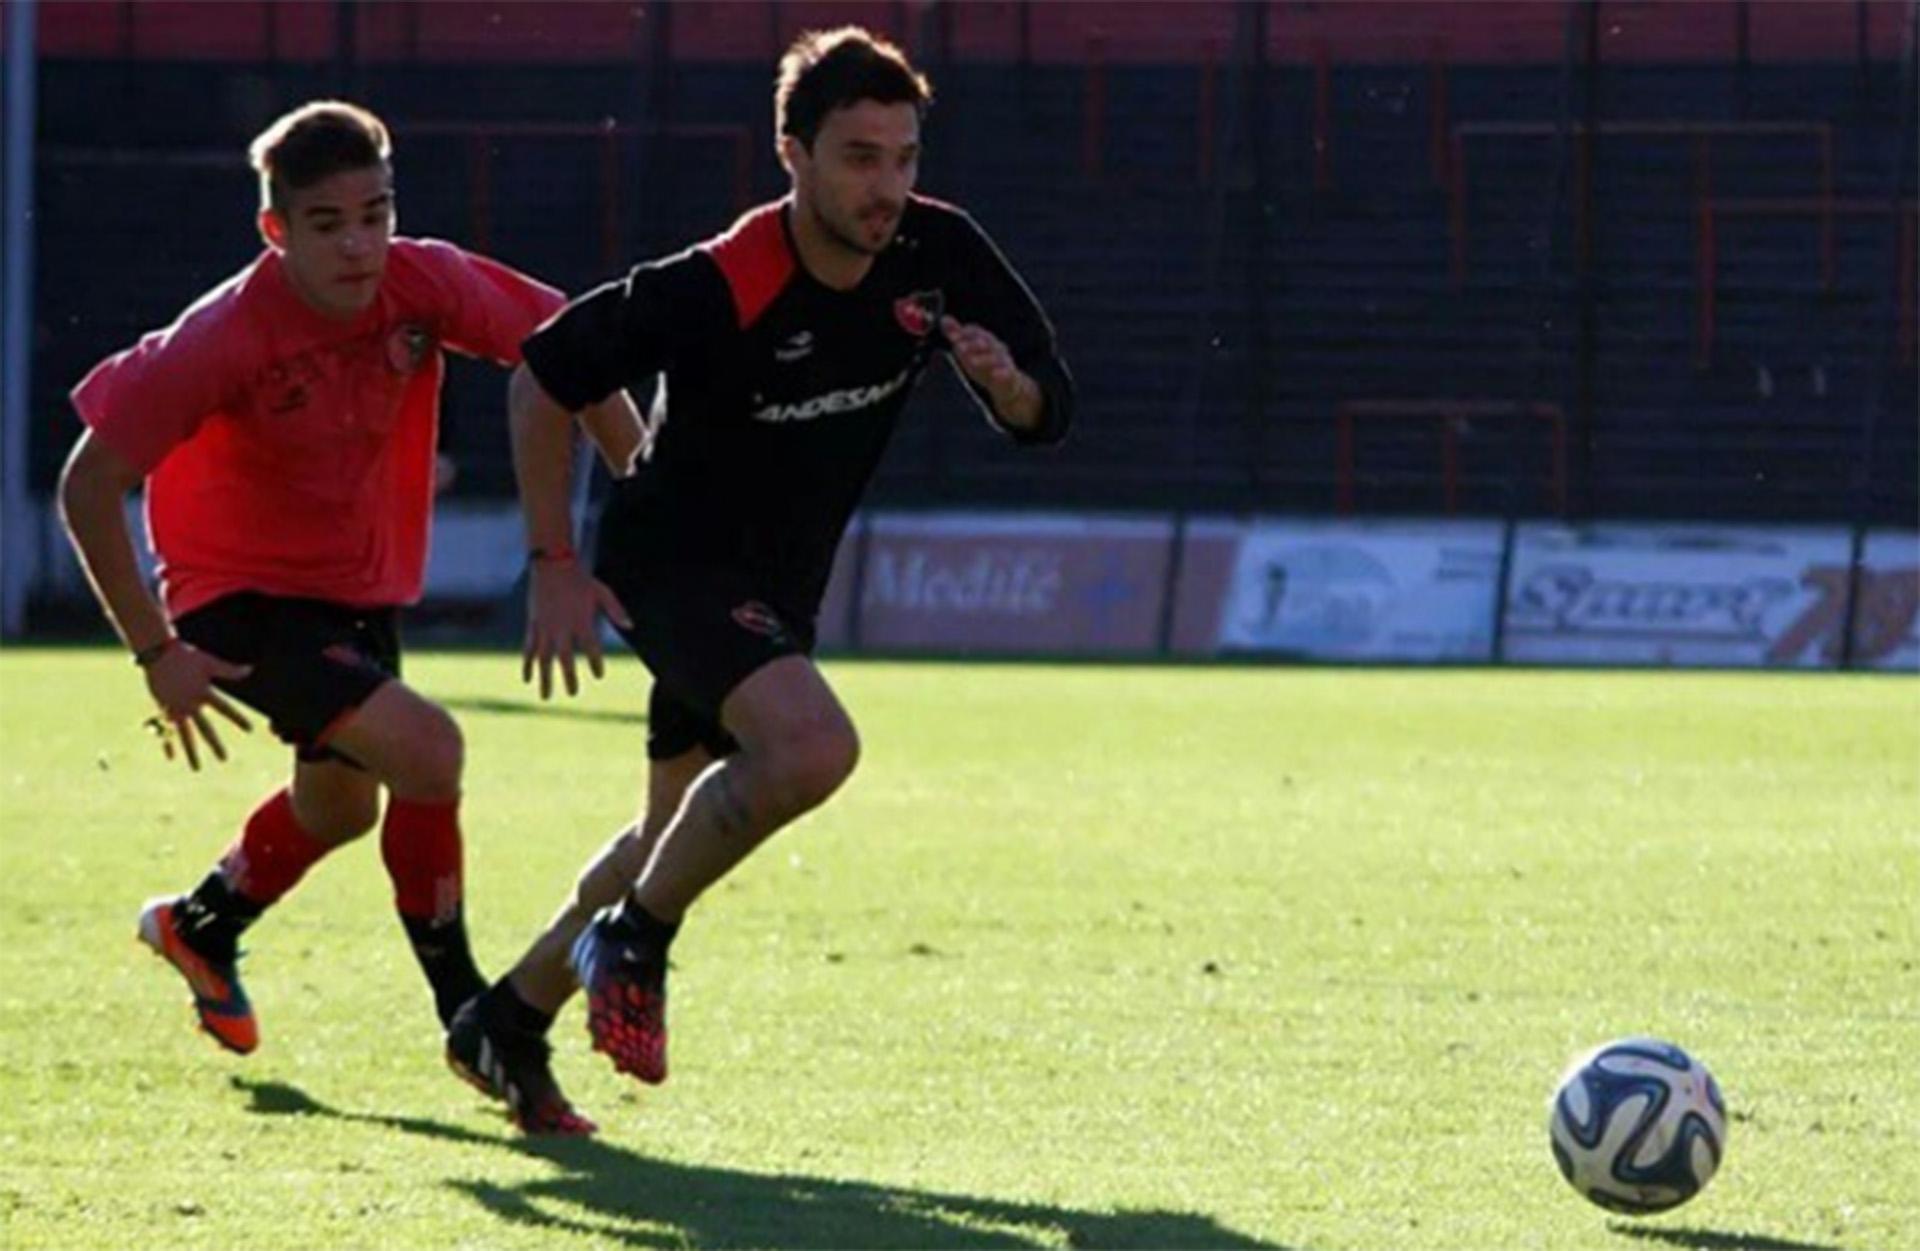 Cuffaro marcando a Ignacio Scocco en un entrenamiento con Newell's